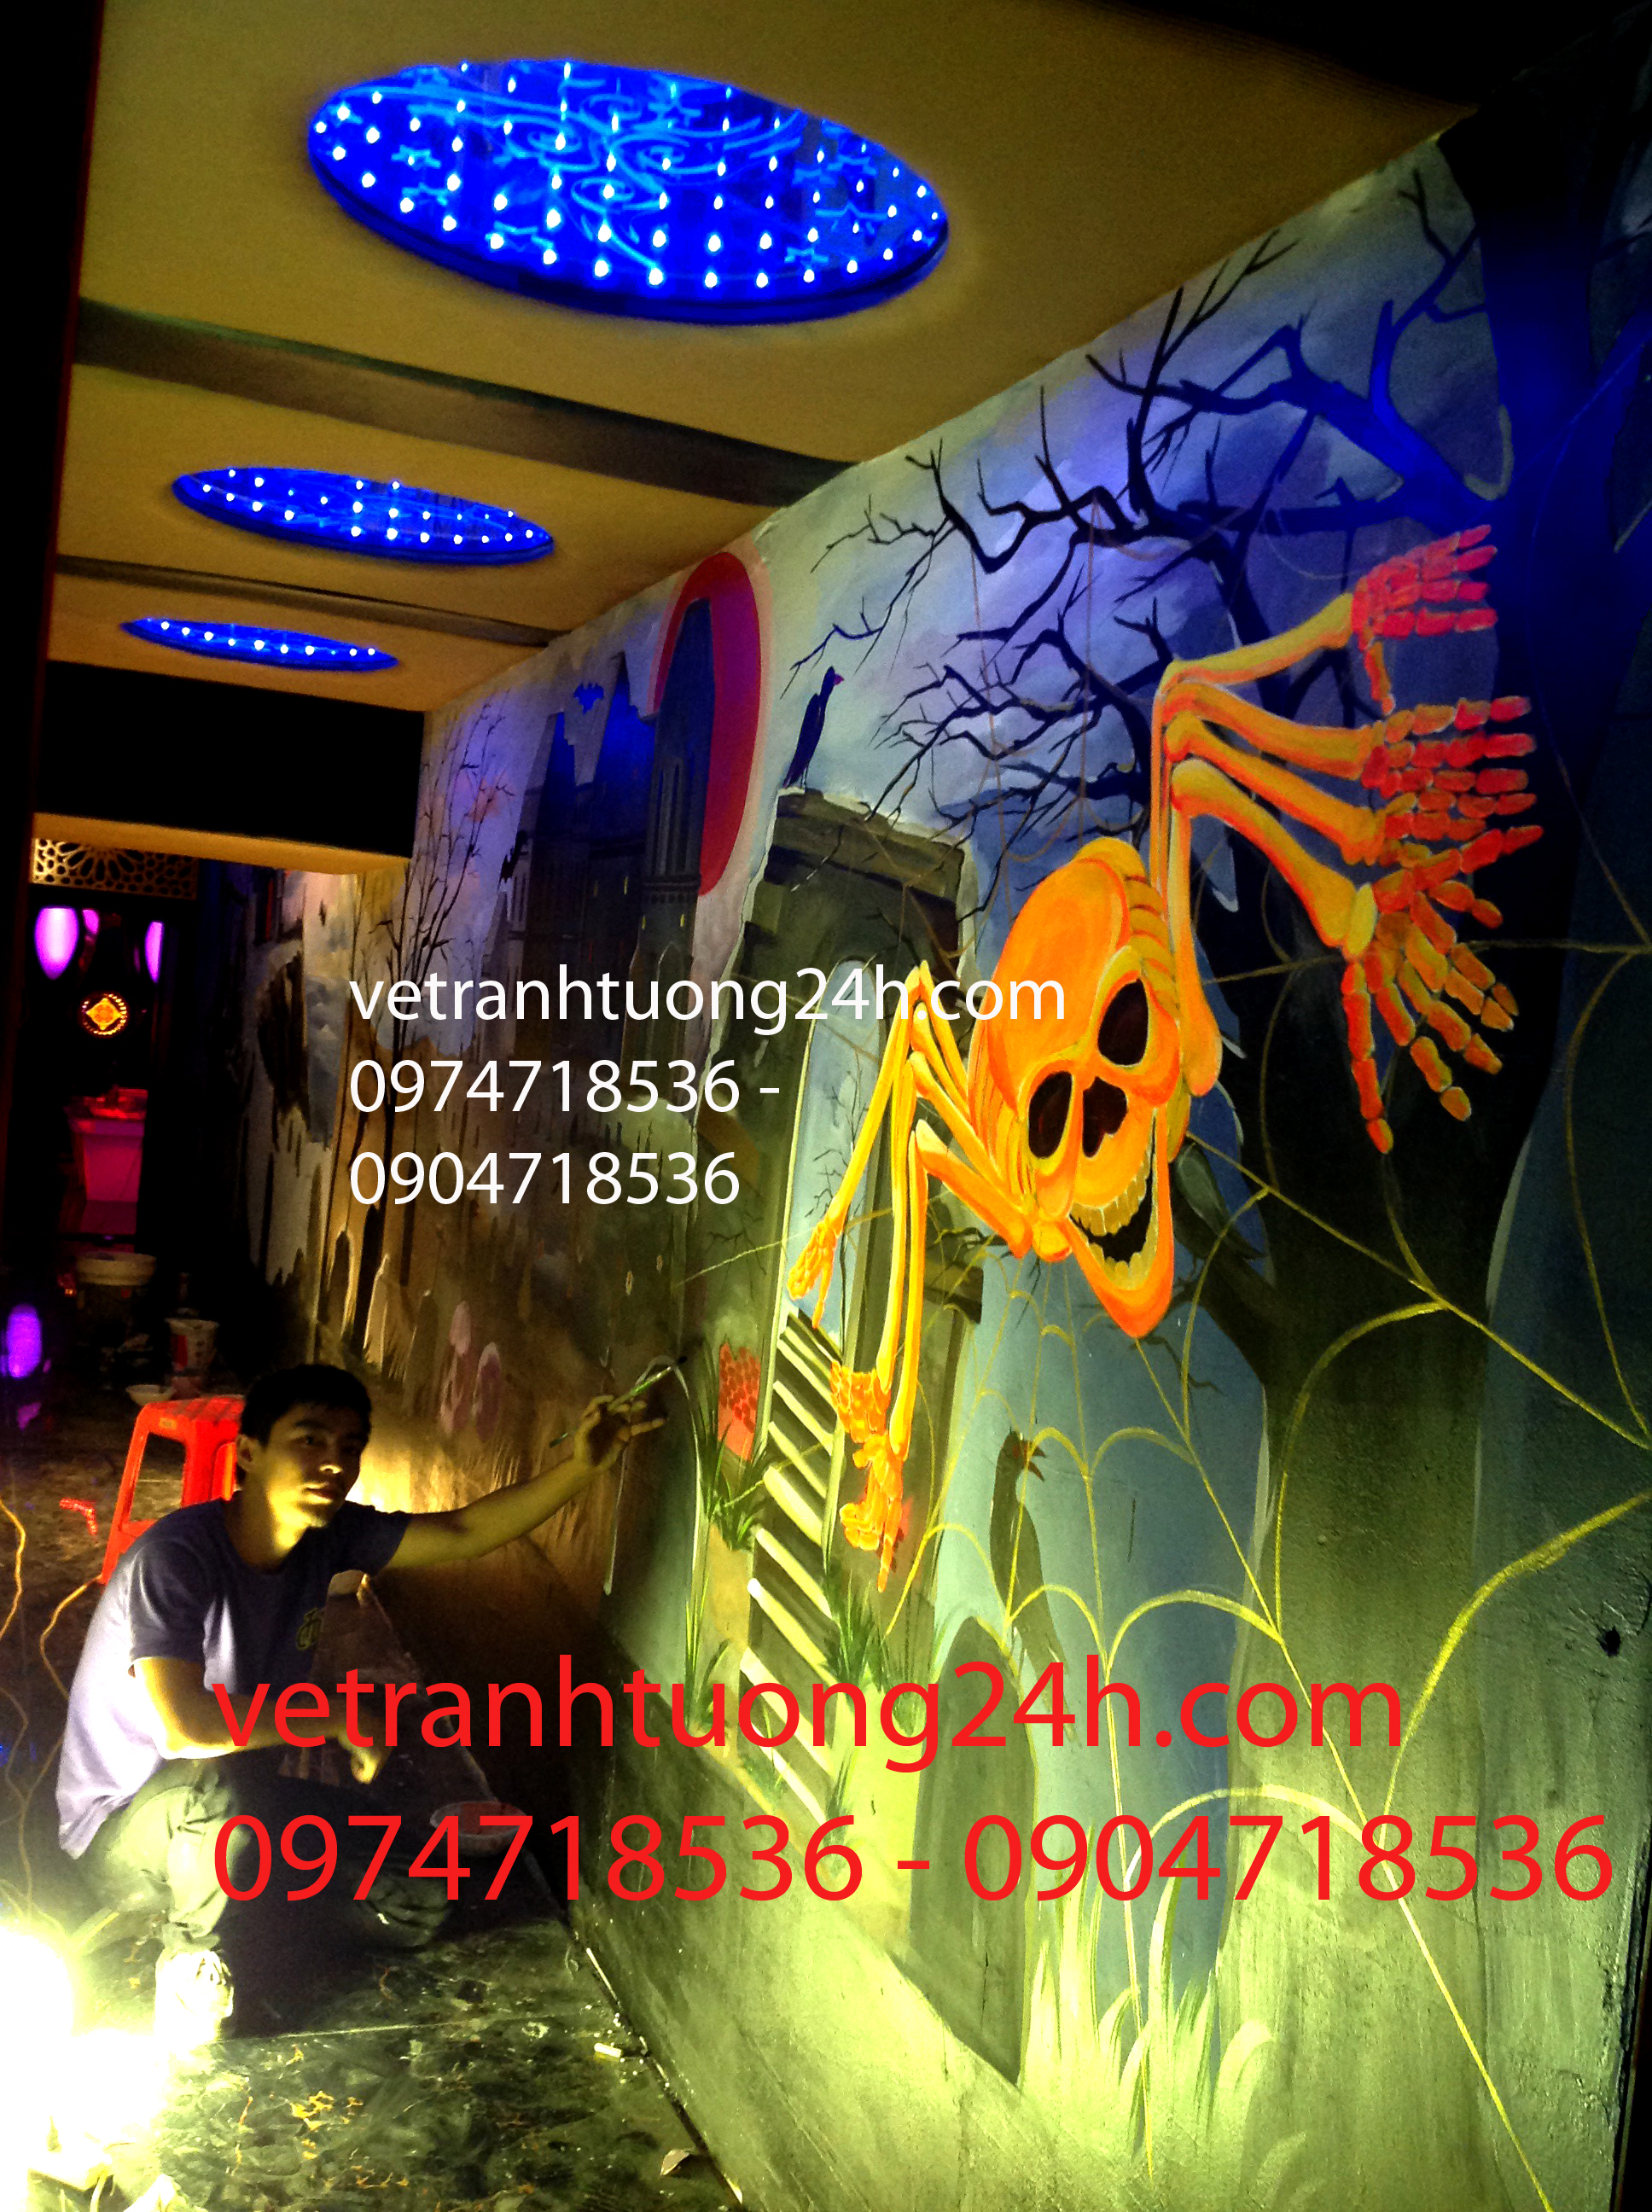 tranh-tuong-san-bar-cafe-tang-4-khach-san-khach-san-vision-thanh-pho-5